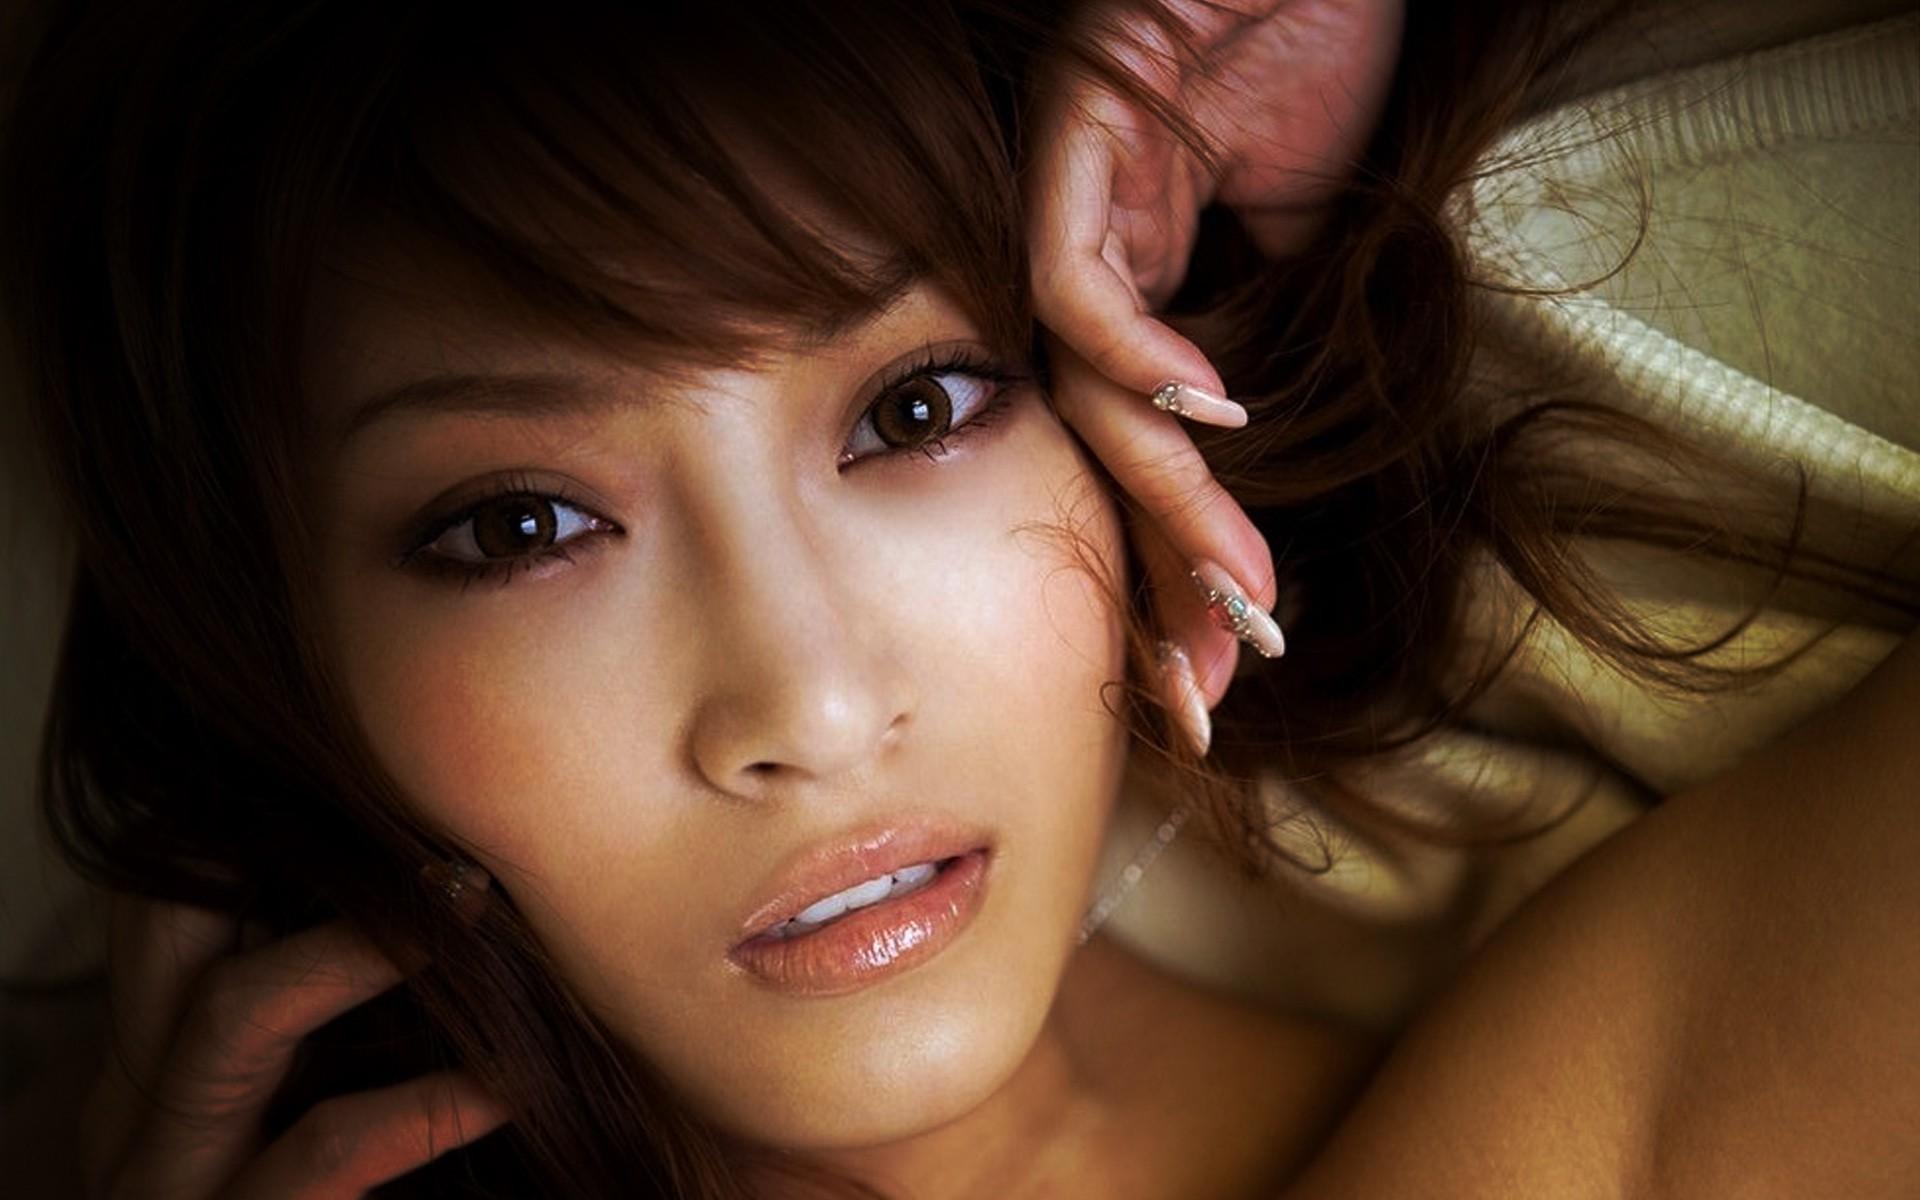 Sexy Asian Face